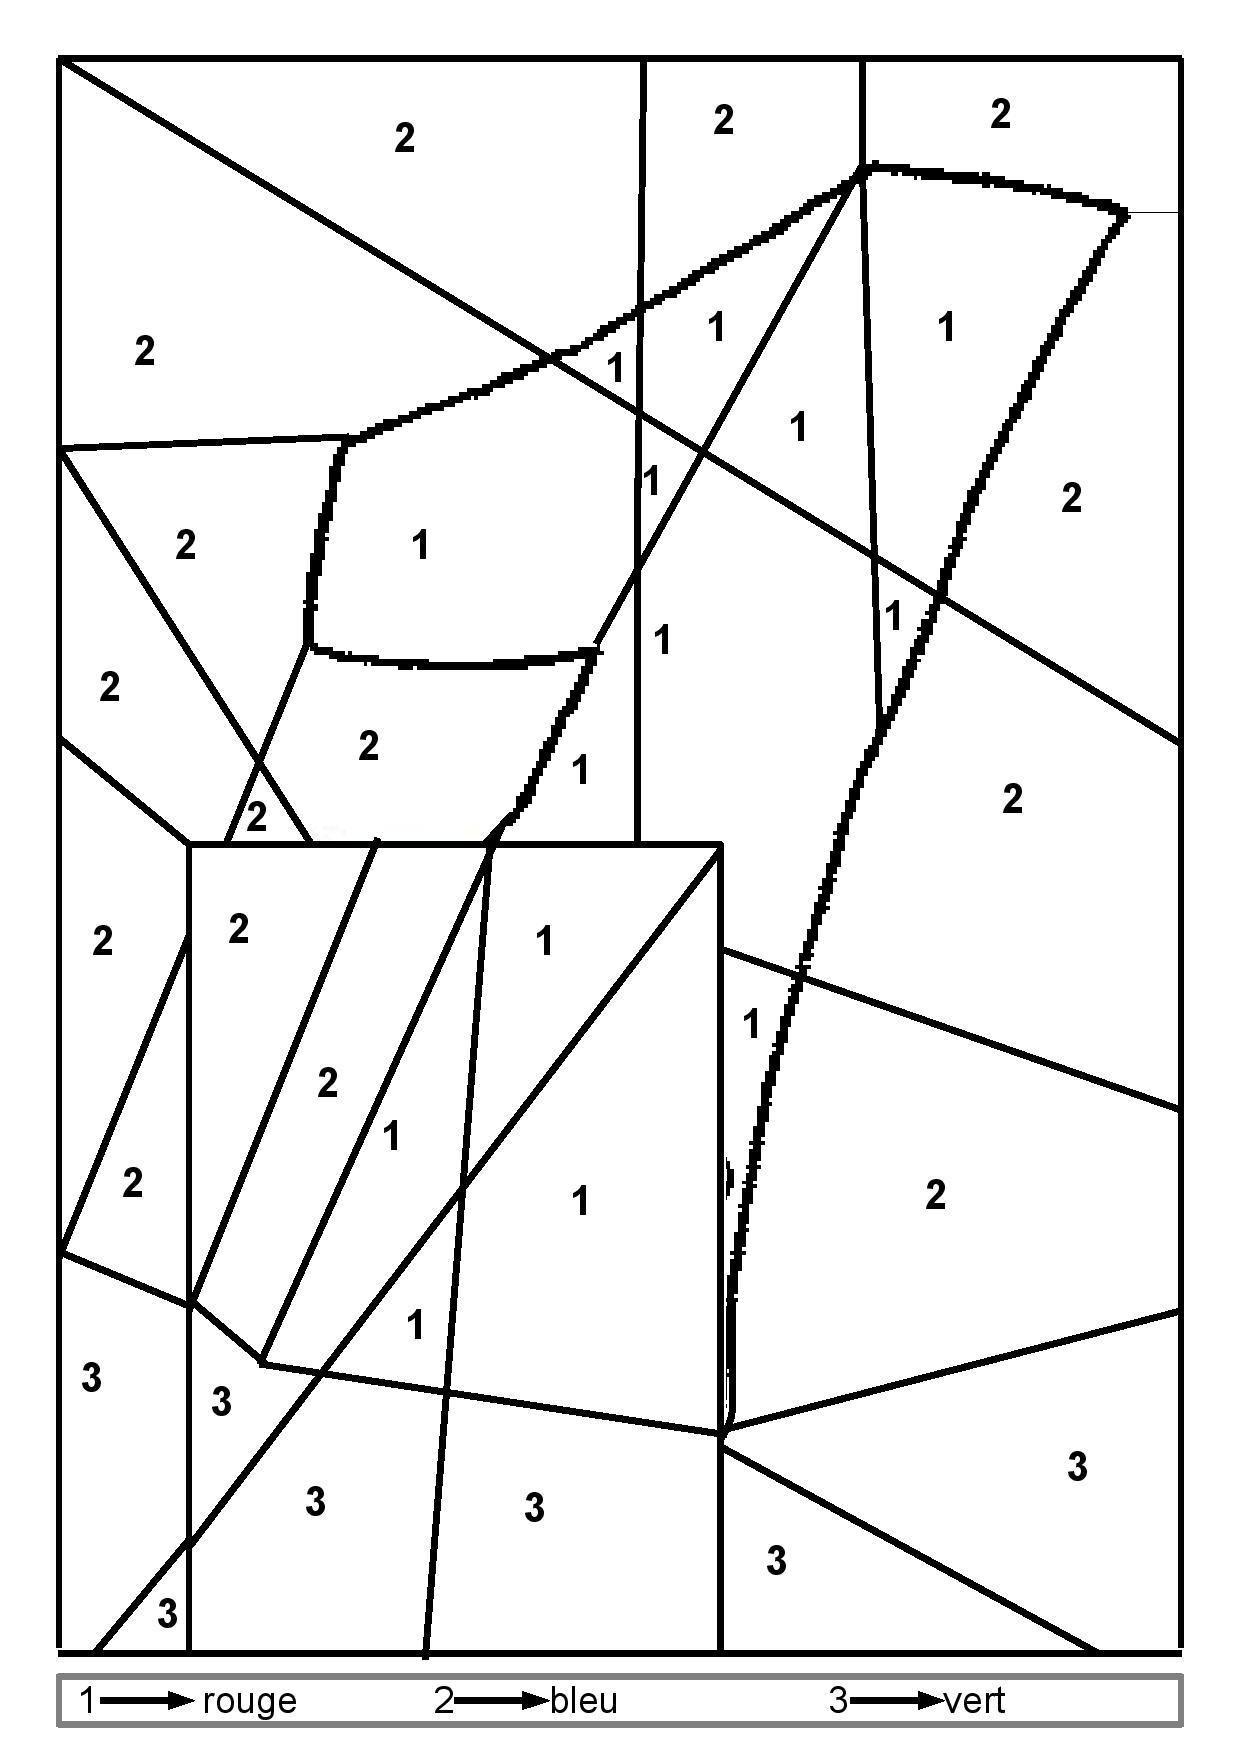 Coloriage Nombre.Coloriages Mathematiques Coloriage Le Nombre 1 2 3 4 5